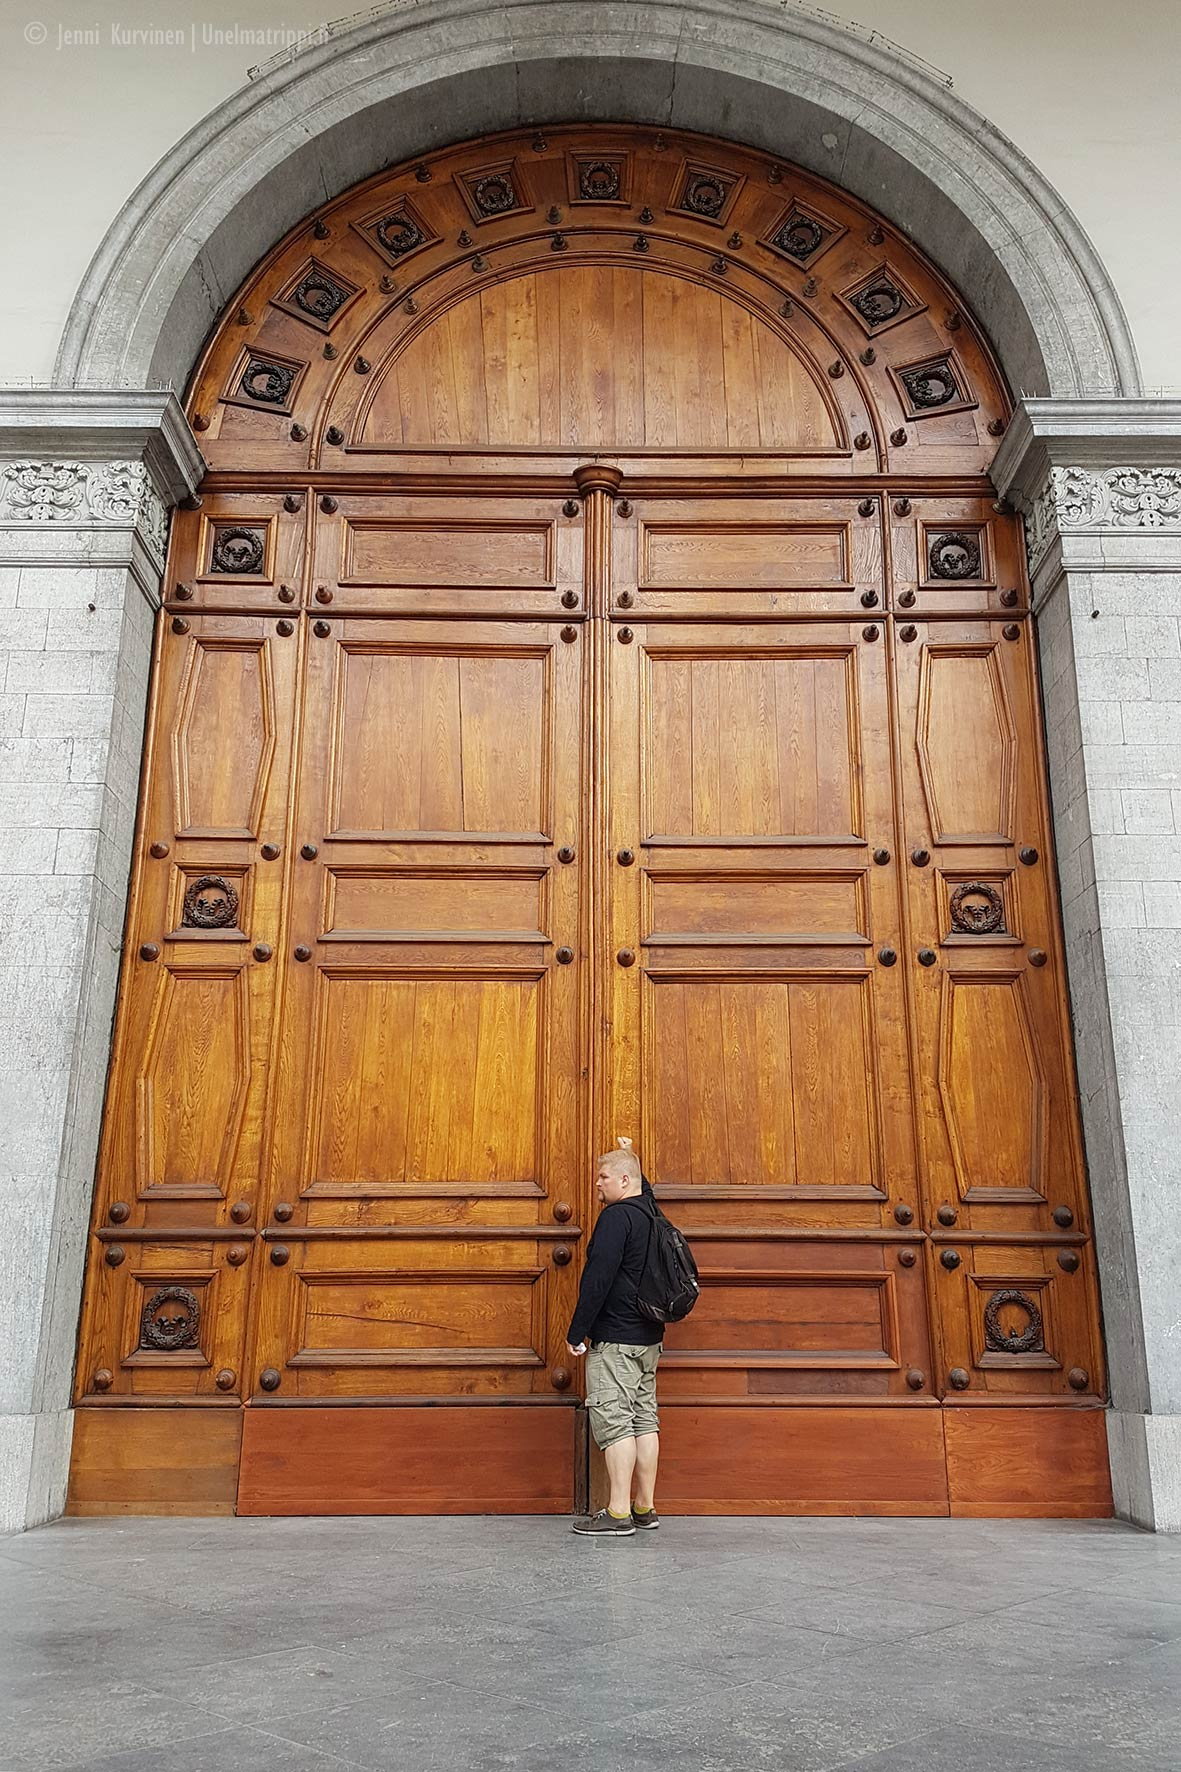 Jättimäinen ovi ja Hemmo Gentissä, Belgiassa